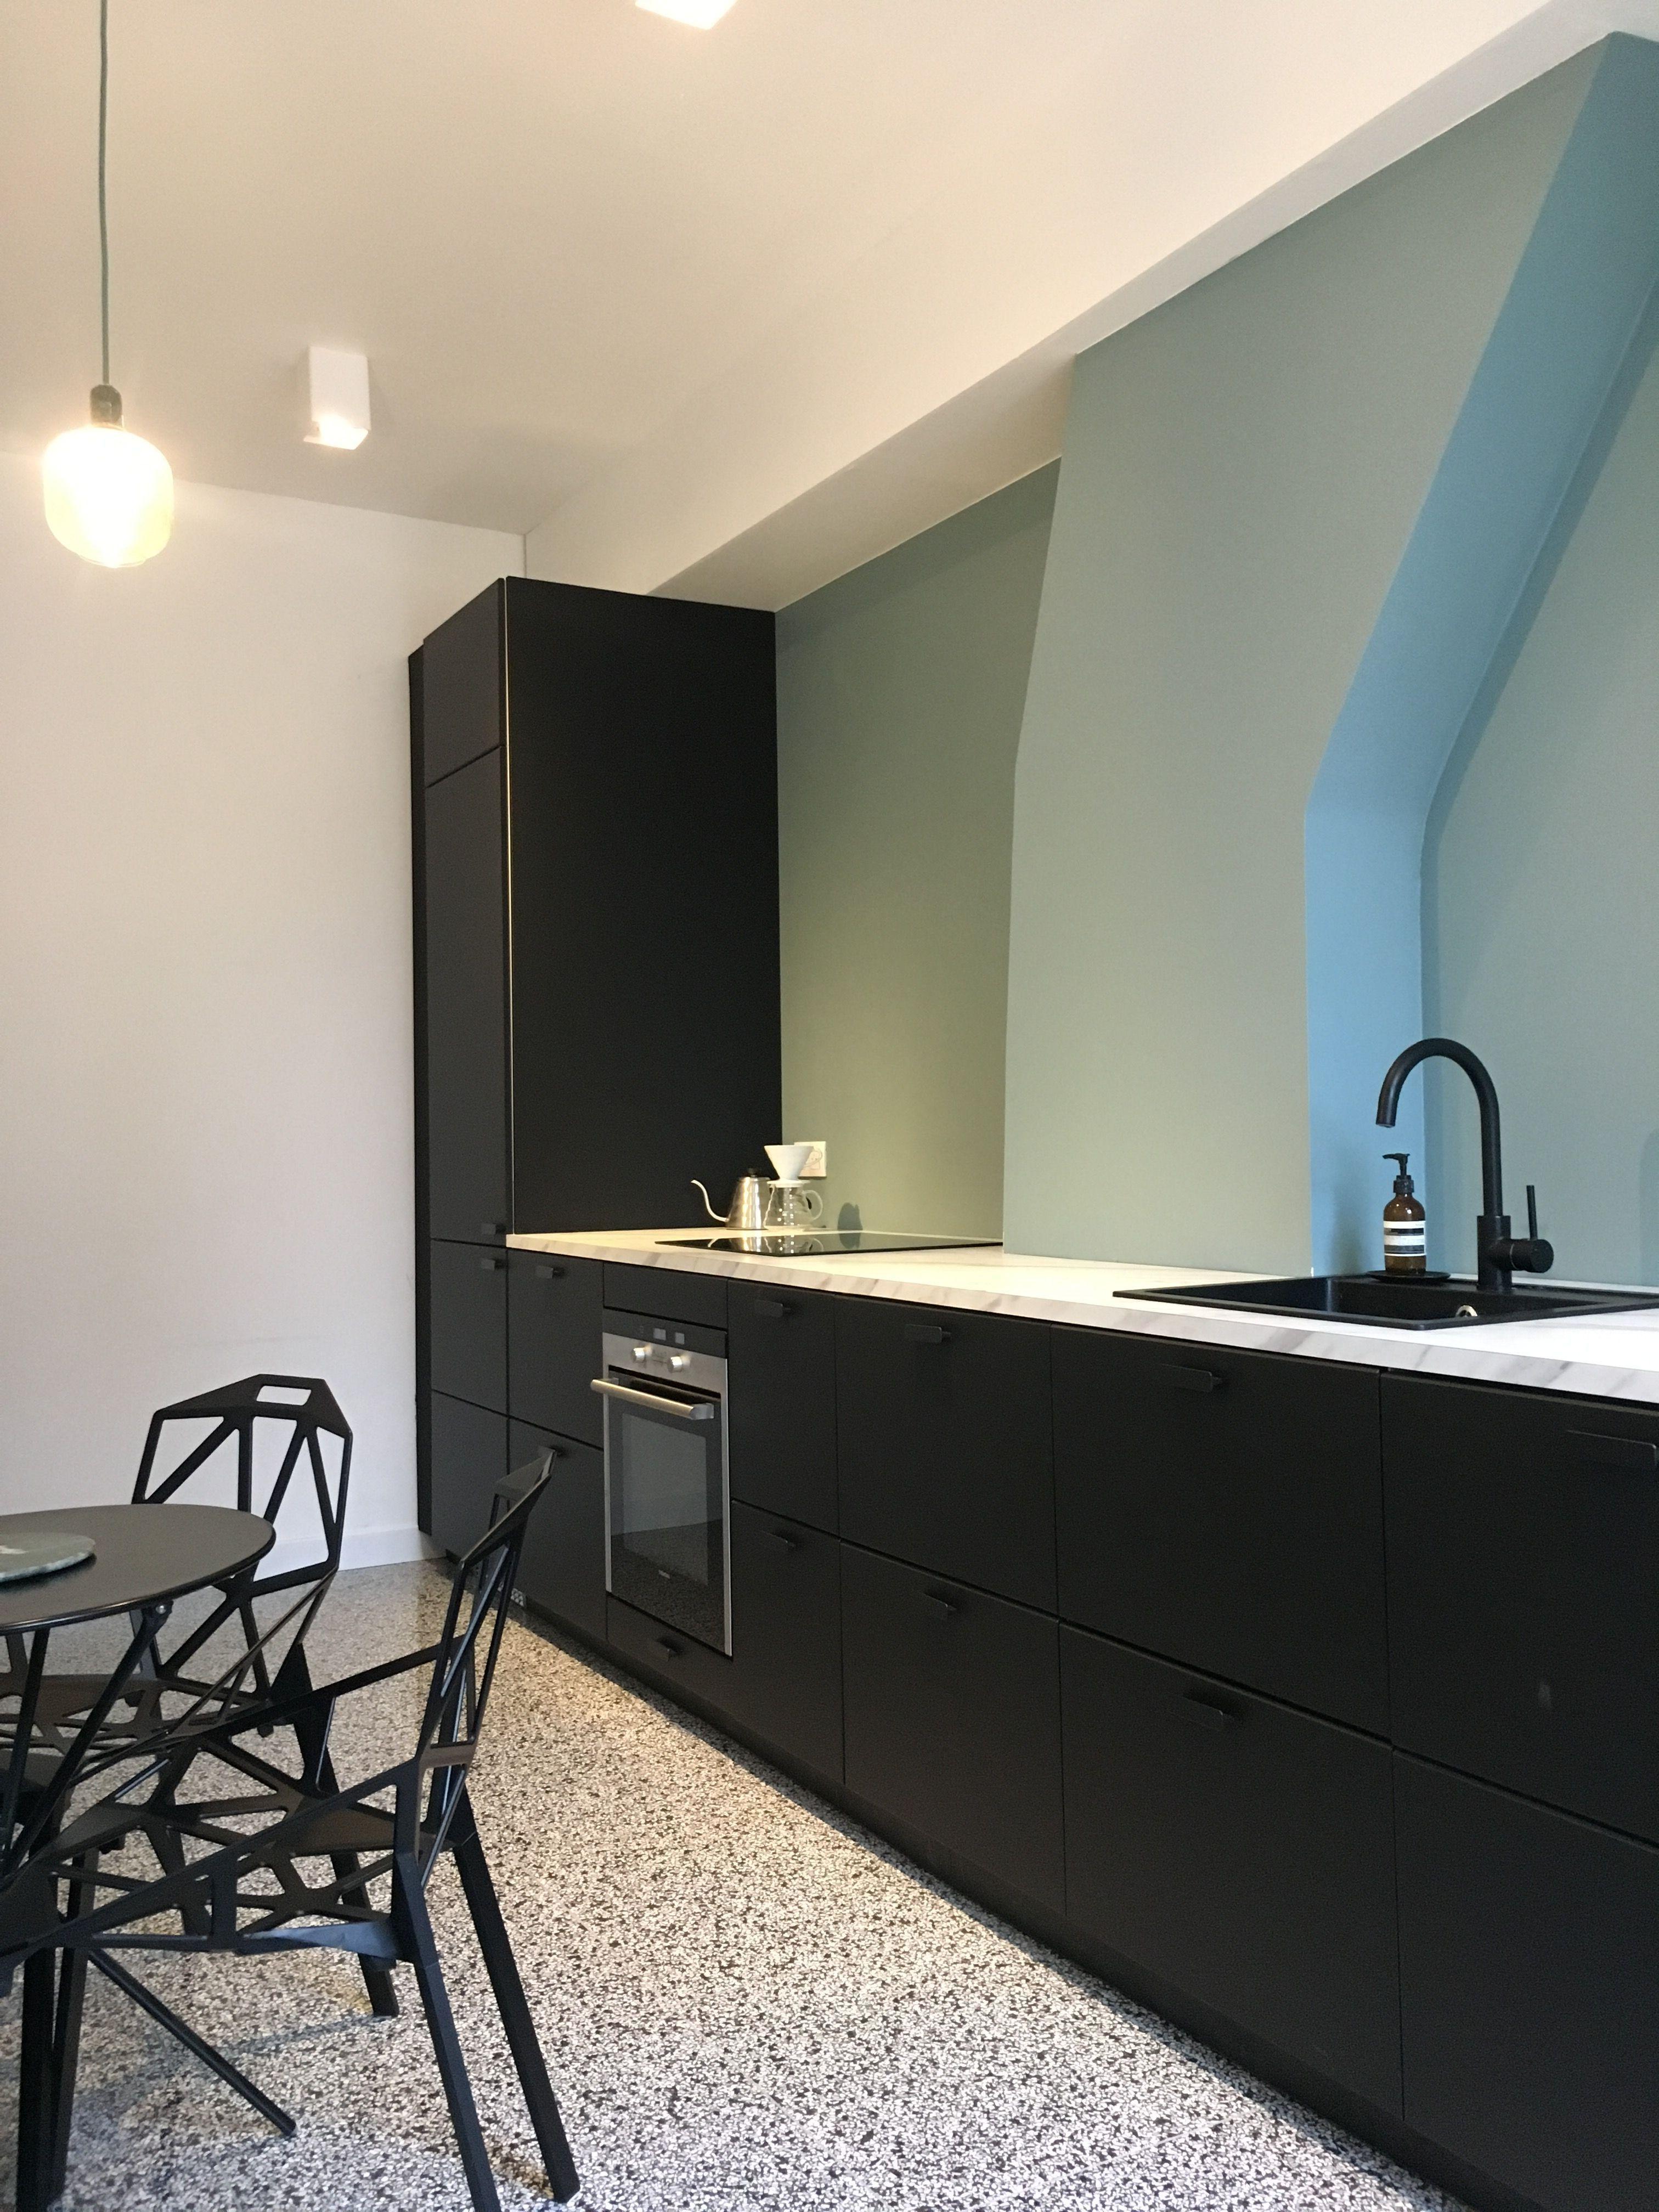 Afbeeldingsresultaat voor ikea kungsbacka keuken Ikea